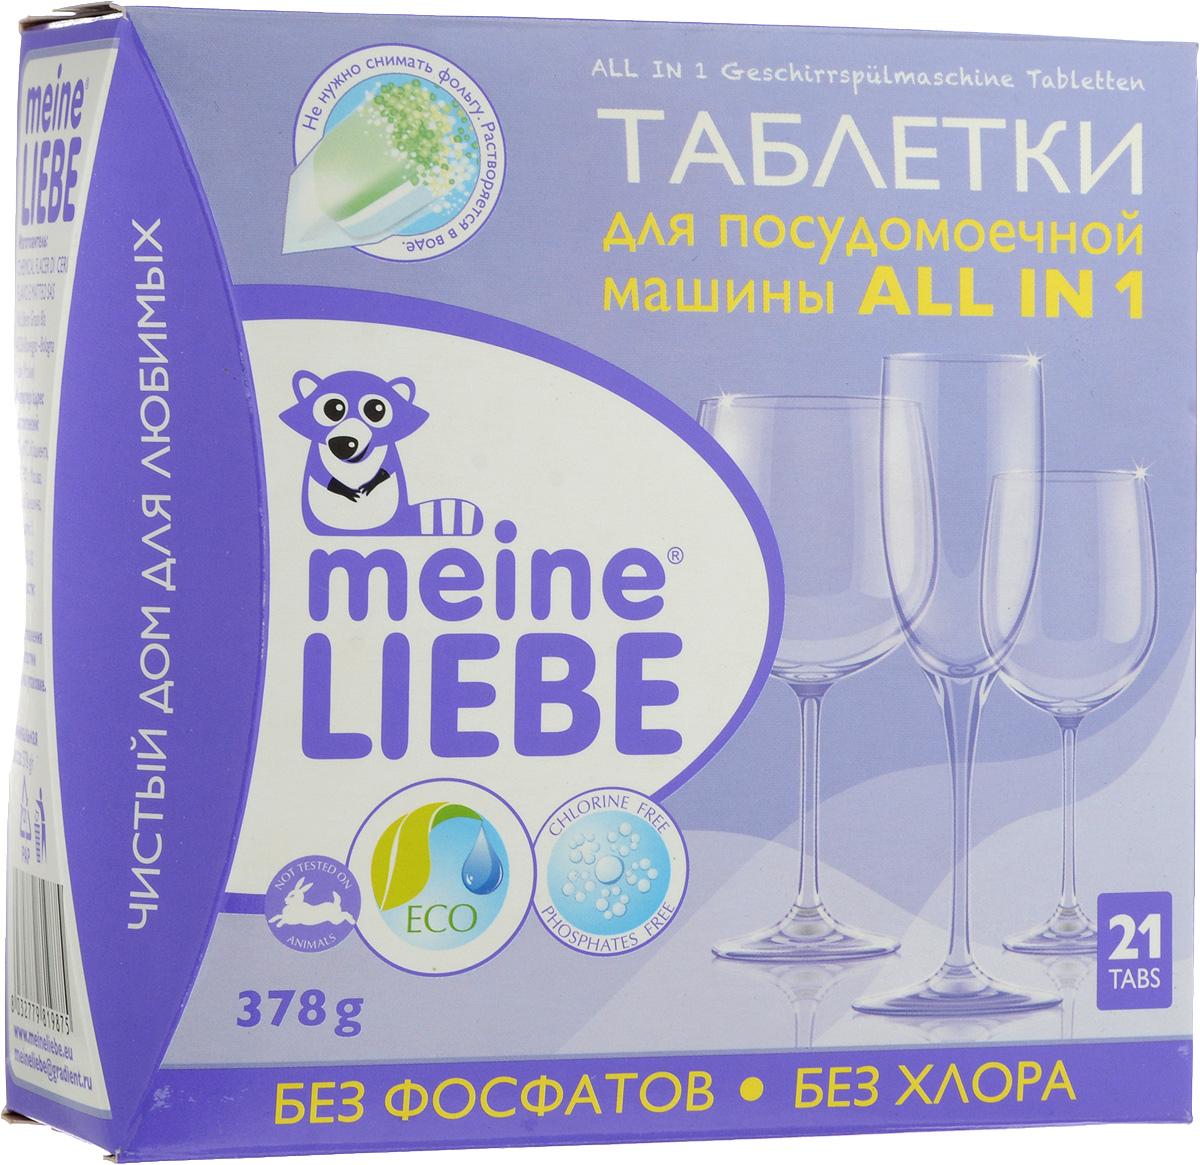 Таблетки для посудомоечной машины Meine Liebe All in 1, 21 штML32208Таблетки для мытья посуды в посудомоечной машине Meine Liebe All in 1 придадут вашей посуде чистоту, блеск, сияние и оставят приятный аромат после мытья. Специальные биологические ферменты и активные вещества на основе кислорода эффективно расщепляют остатки пищи, удаляют стойкие загрязнения. Средство надежно предупреждает образование известкового налета, способствуя более долговечной работе устройства. Обеспечивает деликатный уход и блеск изделиям из стекла и нержавеющей стали, предотвращает помутнение стекла. Не содержит фосфатов, хлора и агрессивных химикатов, обеспечивая бережное мытье посуды. Полностью растворяется в воде и легко выполаскивается. Подходит для коротких программ. Рекомендуемая температура мытья от 45°С до 70°С. Состав: 5-15% отбеливатели на основе кислорода, поликарбоксилаты, Товар сертифицирован.